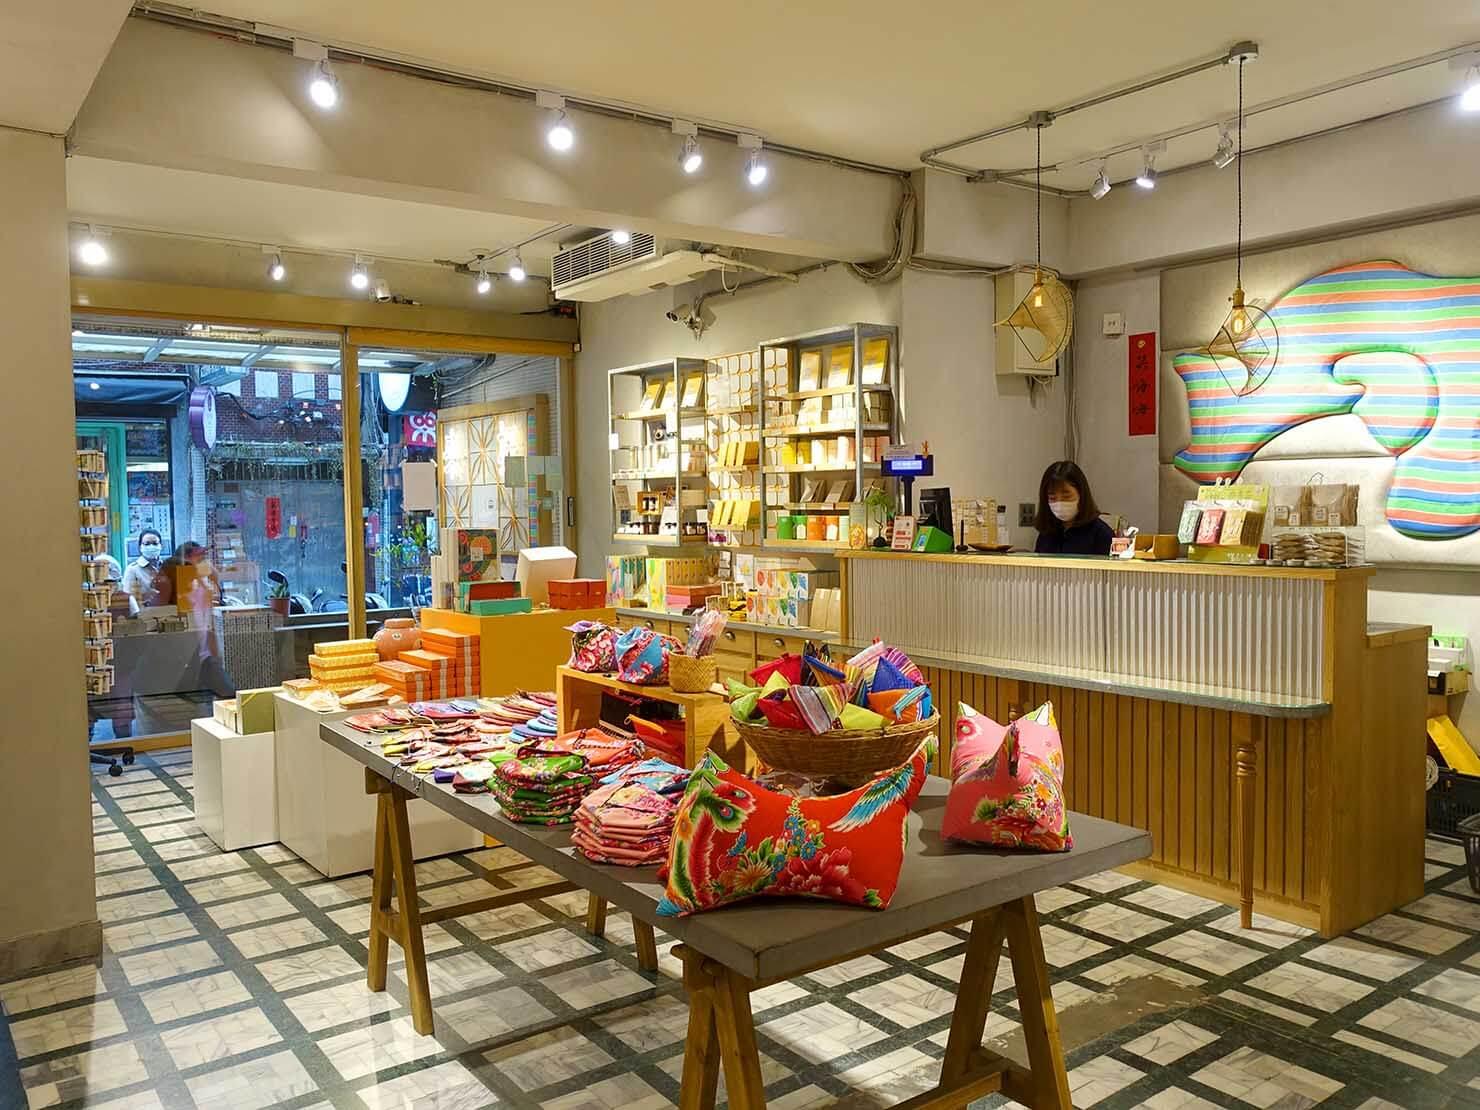 台北・永康街のおすすめおみやげショップ「來好 LAIHAO」の屋内側から見た店内